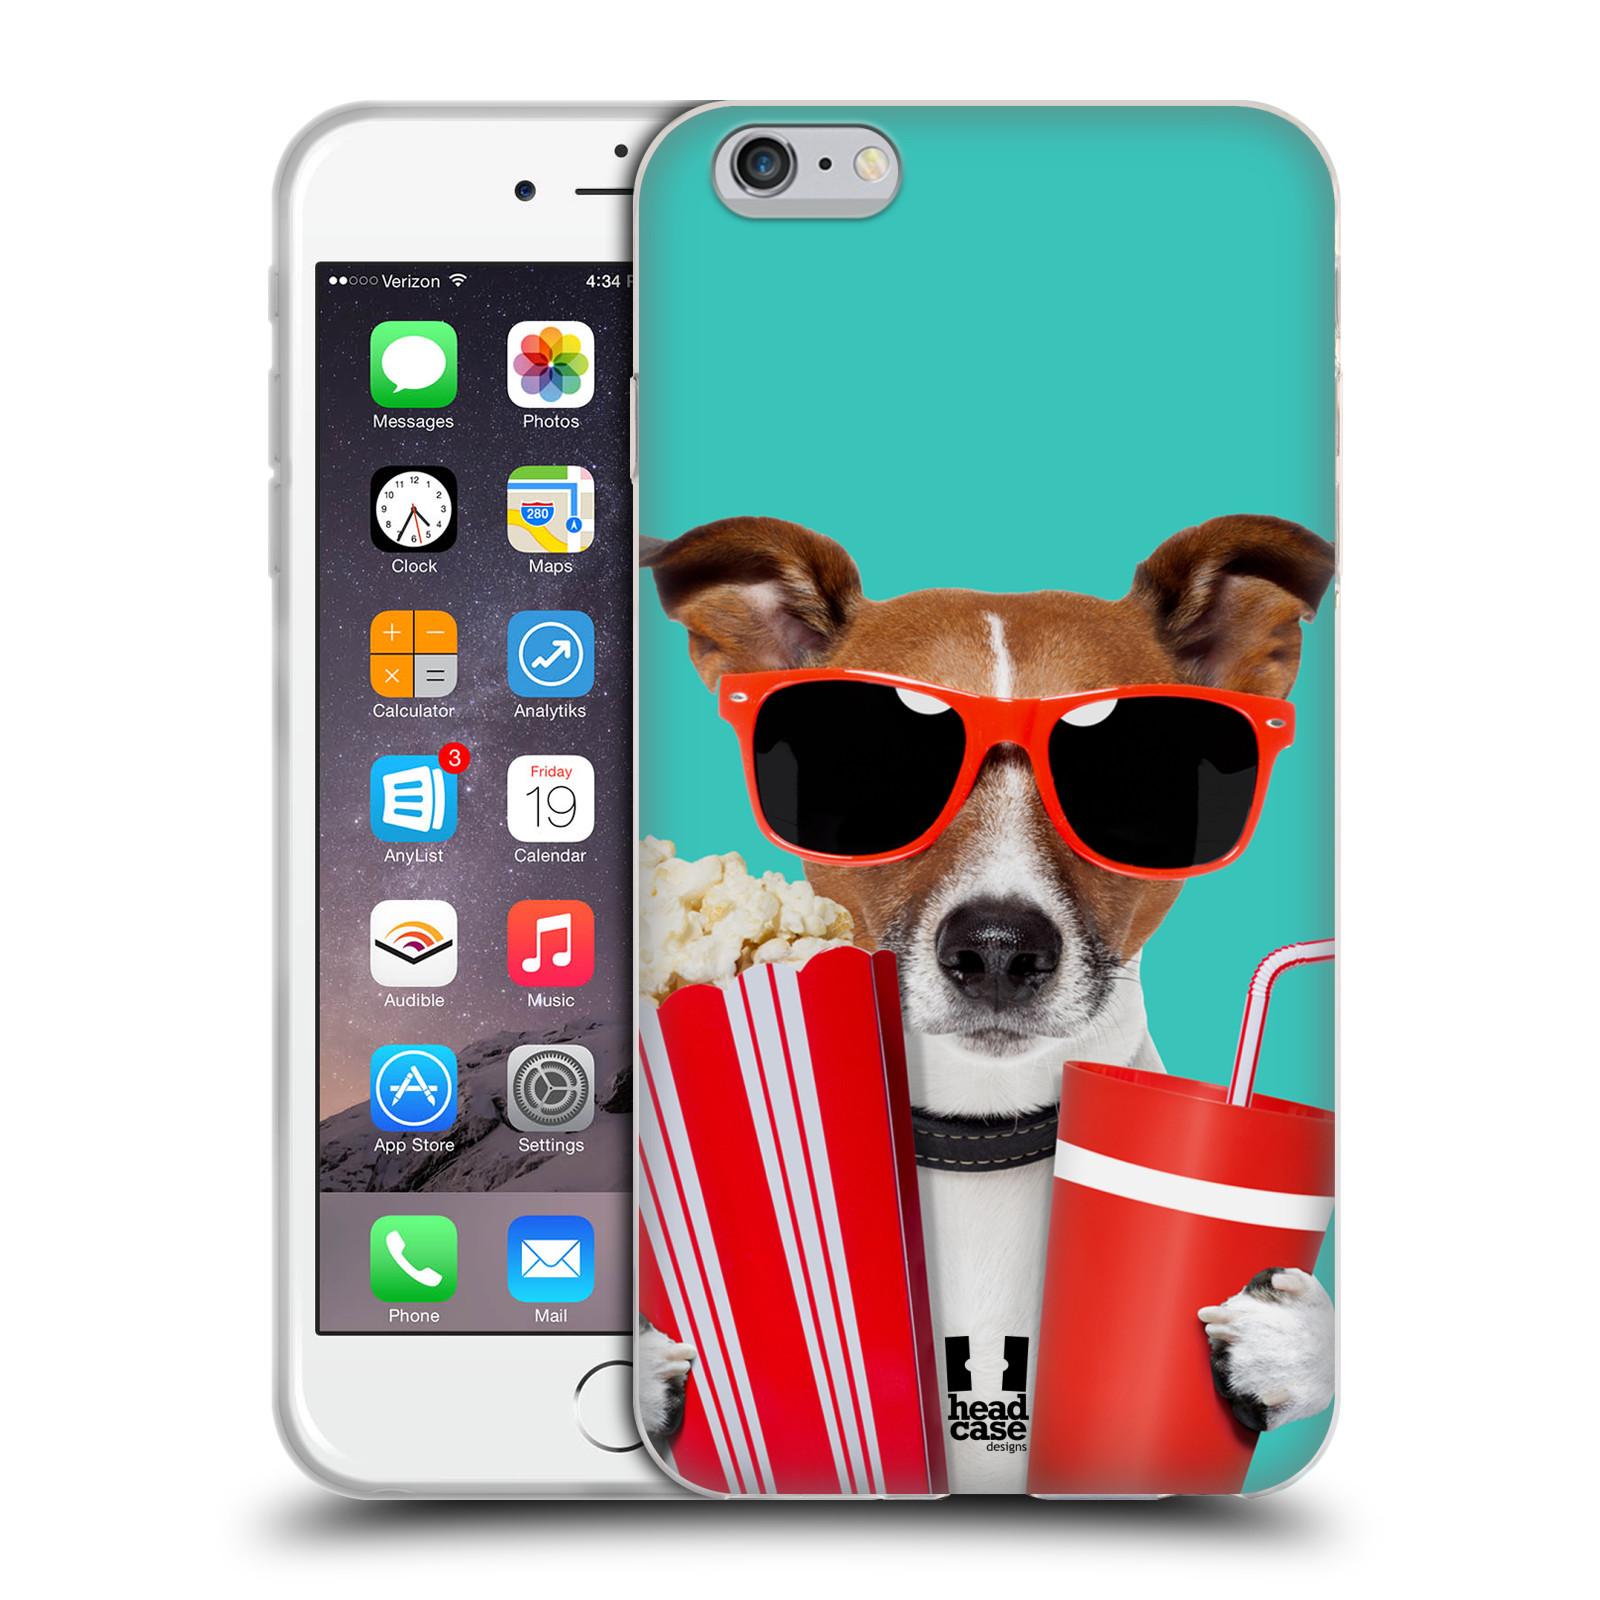 HEAD CASE silikonový obal na mobil Apple Iphone 6 PLUS/ 6S PLUS vzor Legrační zvířátka pejsek v kině s popkornem